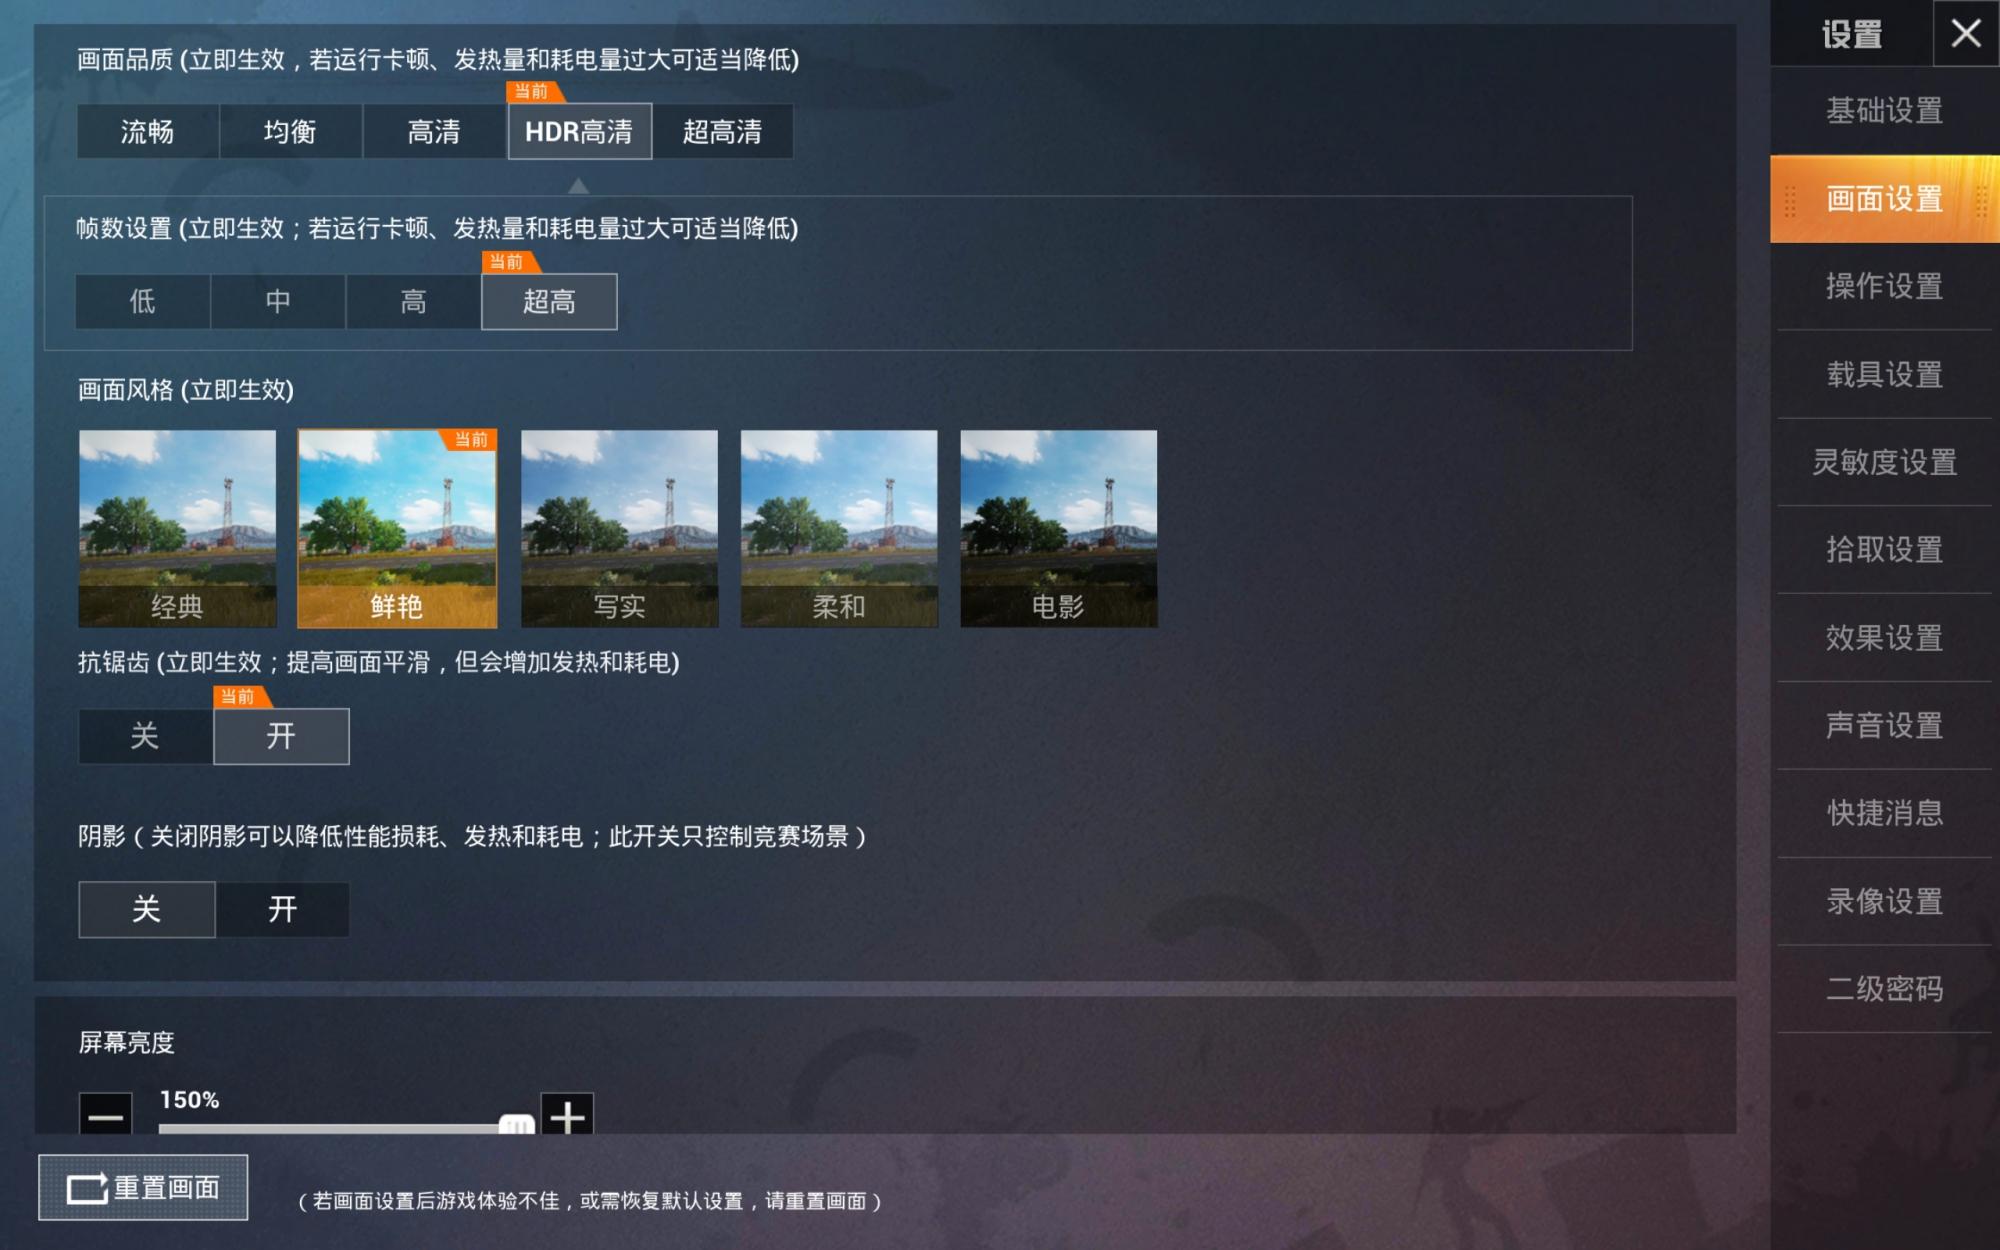 Screenshot_20190822_142854_com.tencent.tmgp.pubgmhd.jpg